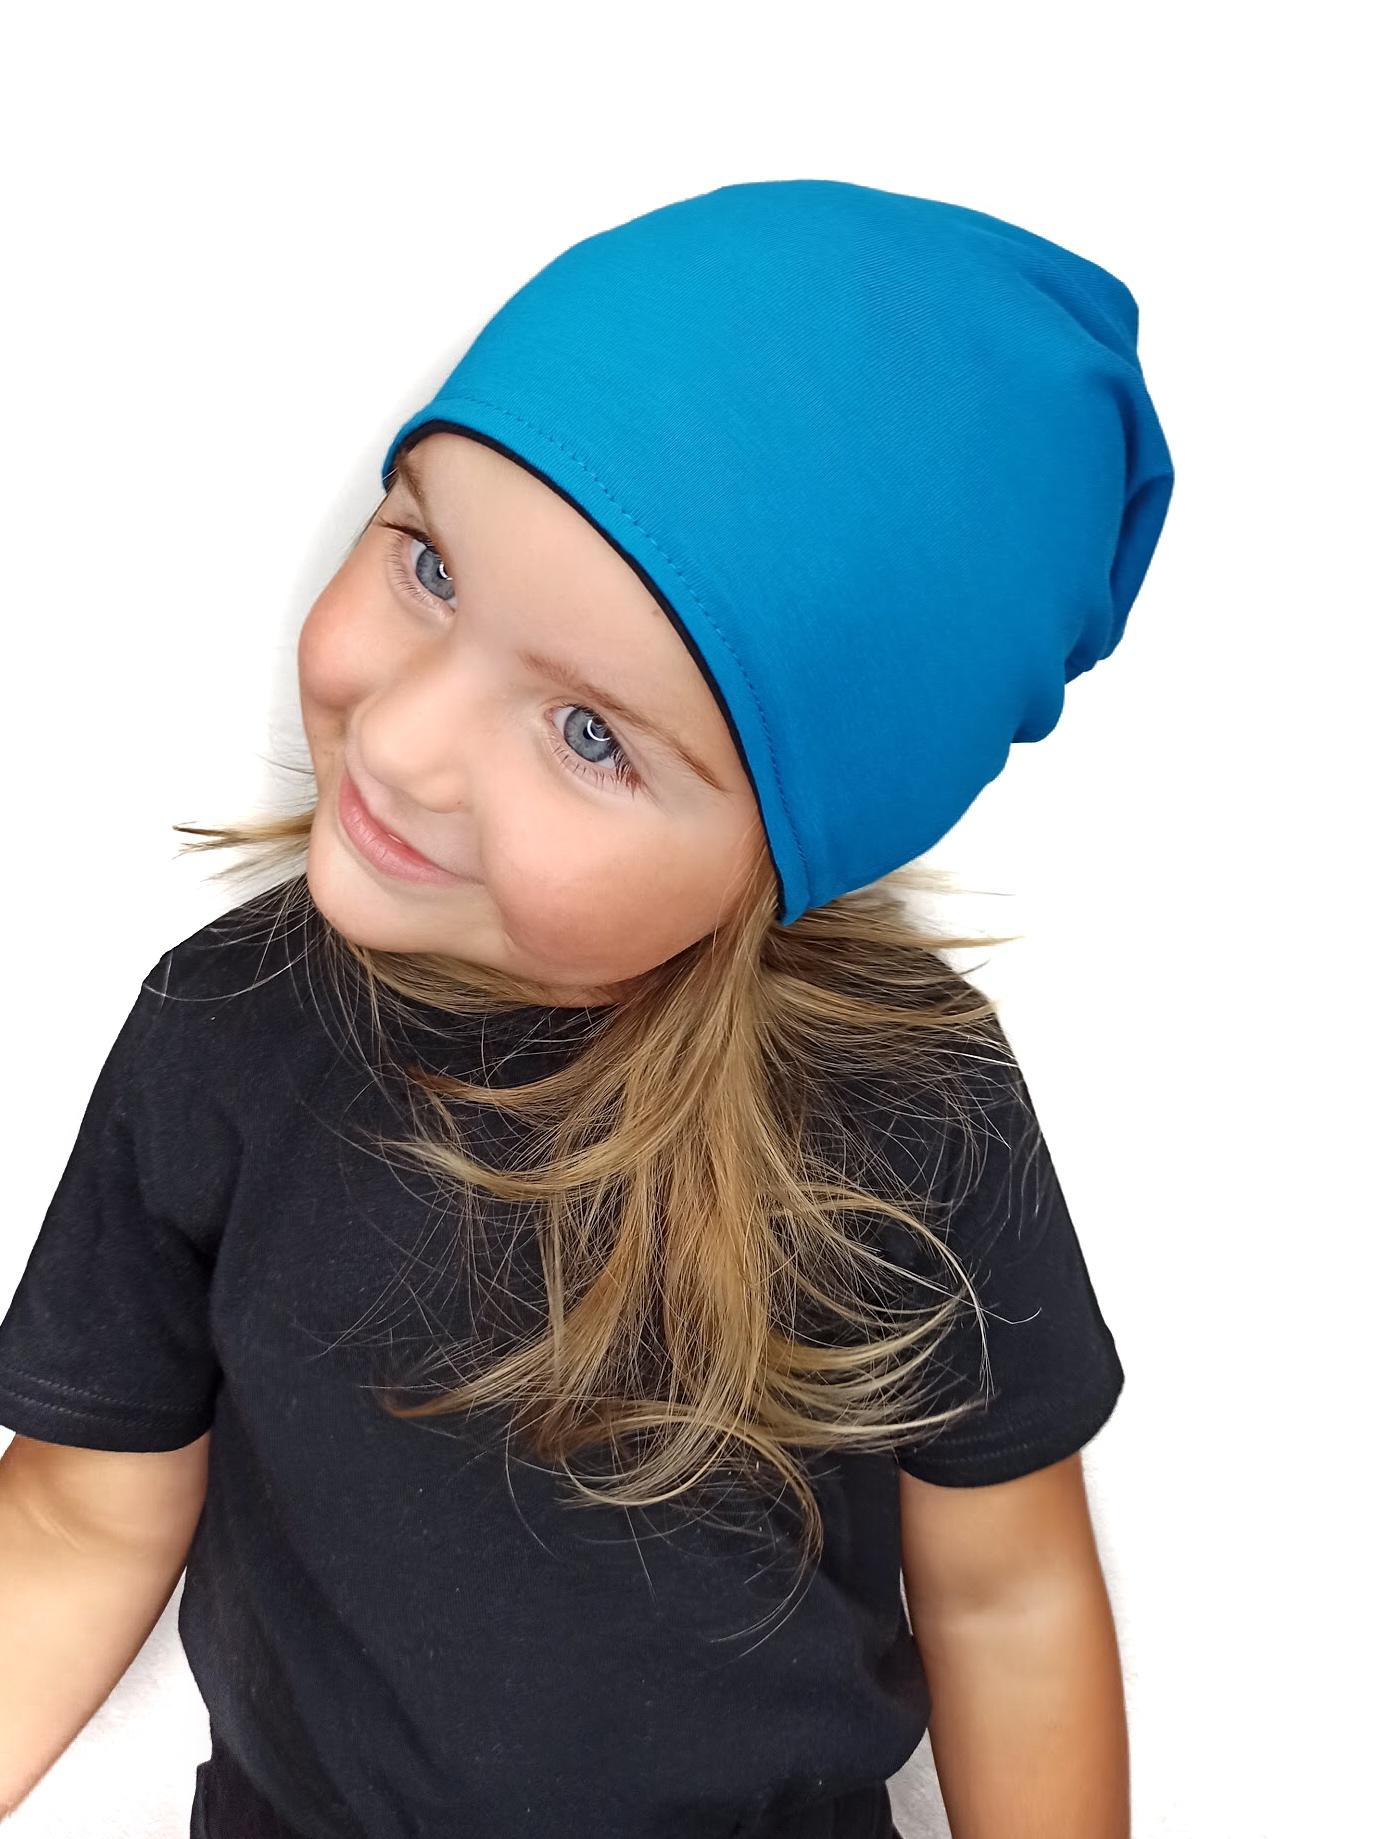 Dětská čepice bavlněná, oboustranná, černá+tmavý tyrkys, m